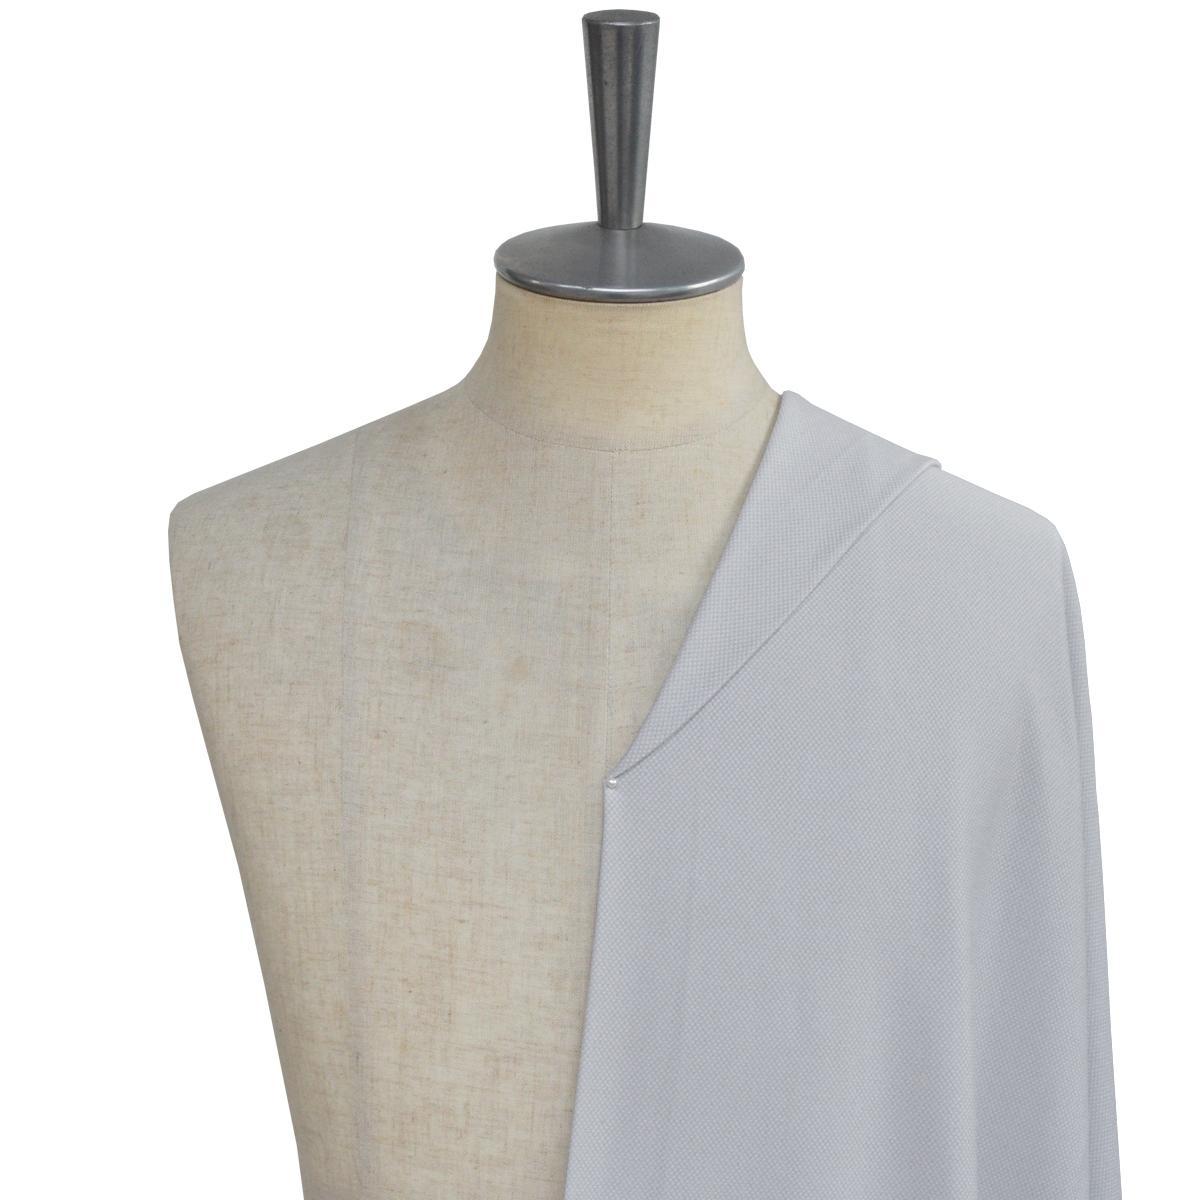 [ビズポロシャツ]ニット素材ならではの抜群の着心地を。